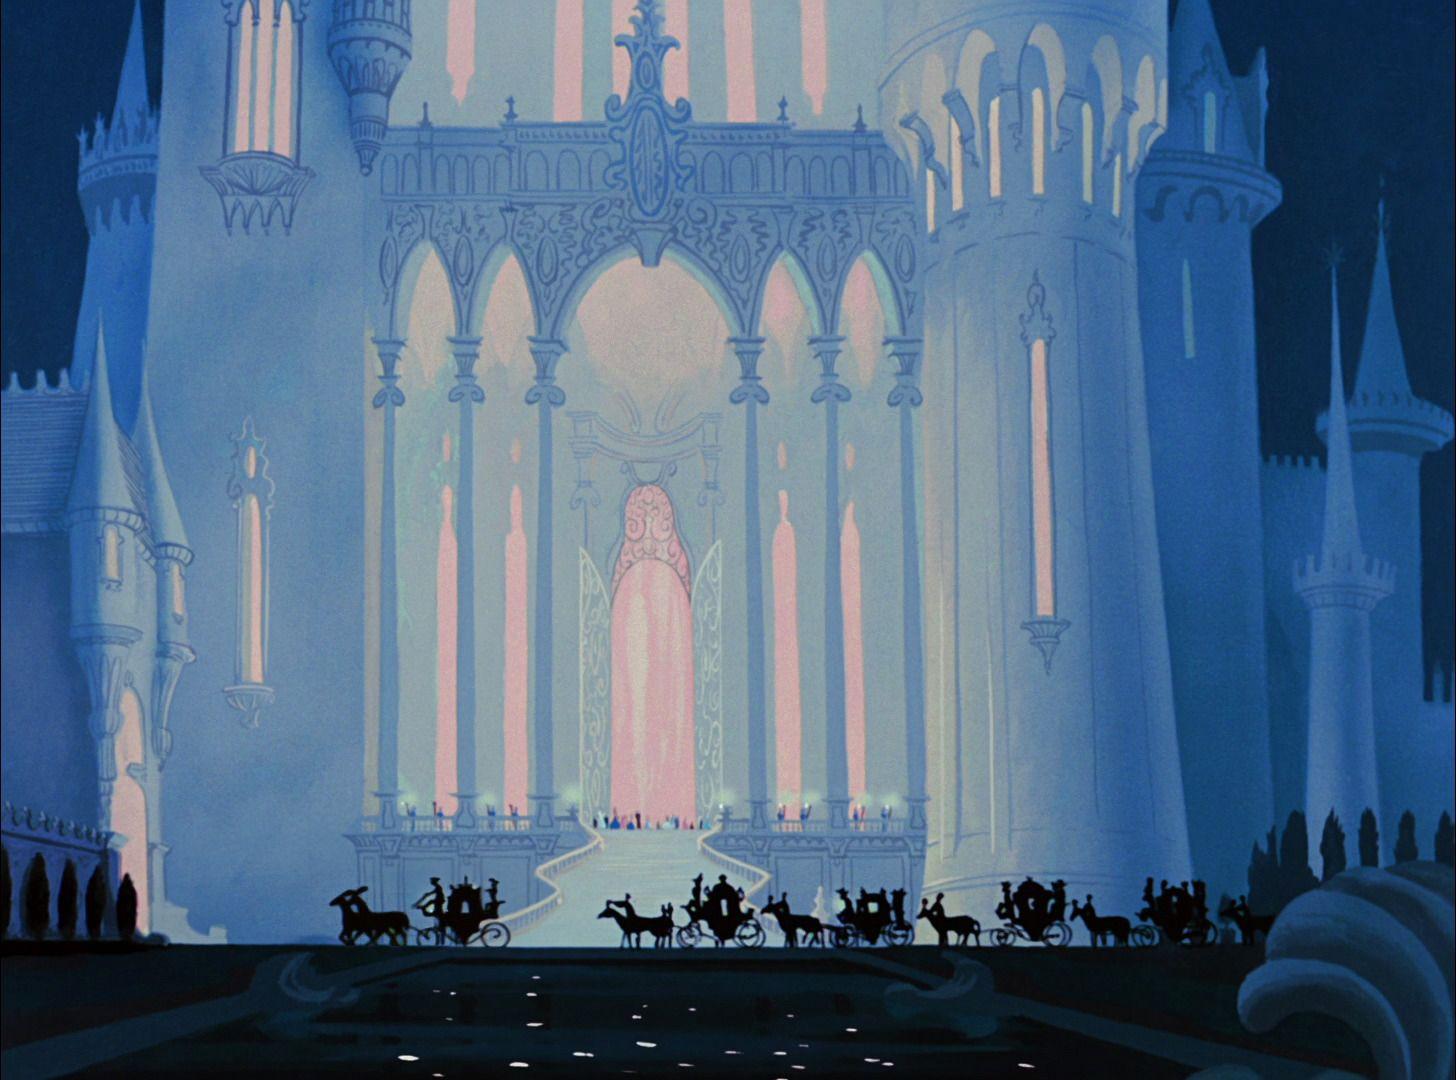 Cinderella (1950) - Disney Screencaps | cinders+ella♡ | Pinterest ...